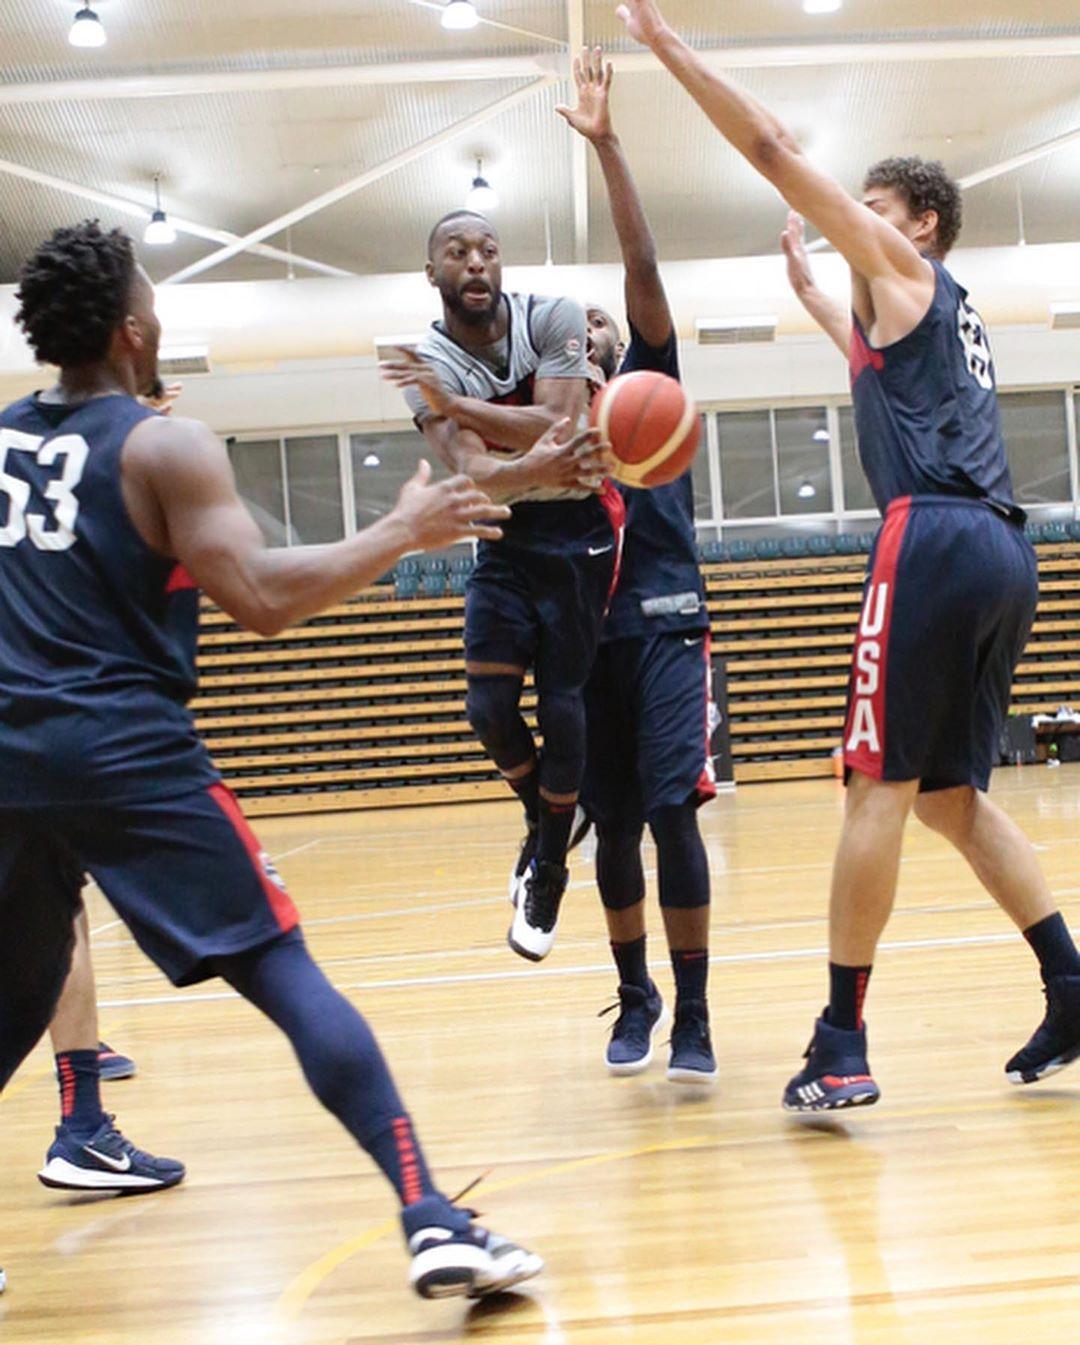 NBA官方发布美国男篮今日训练图集